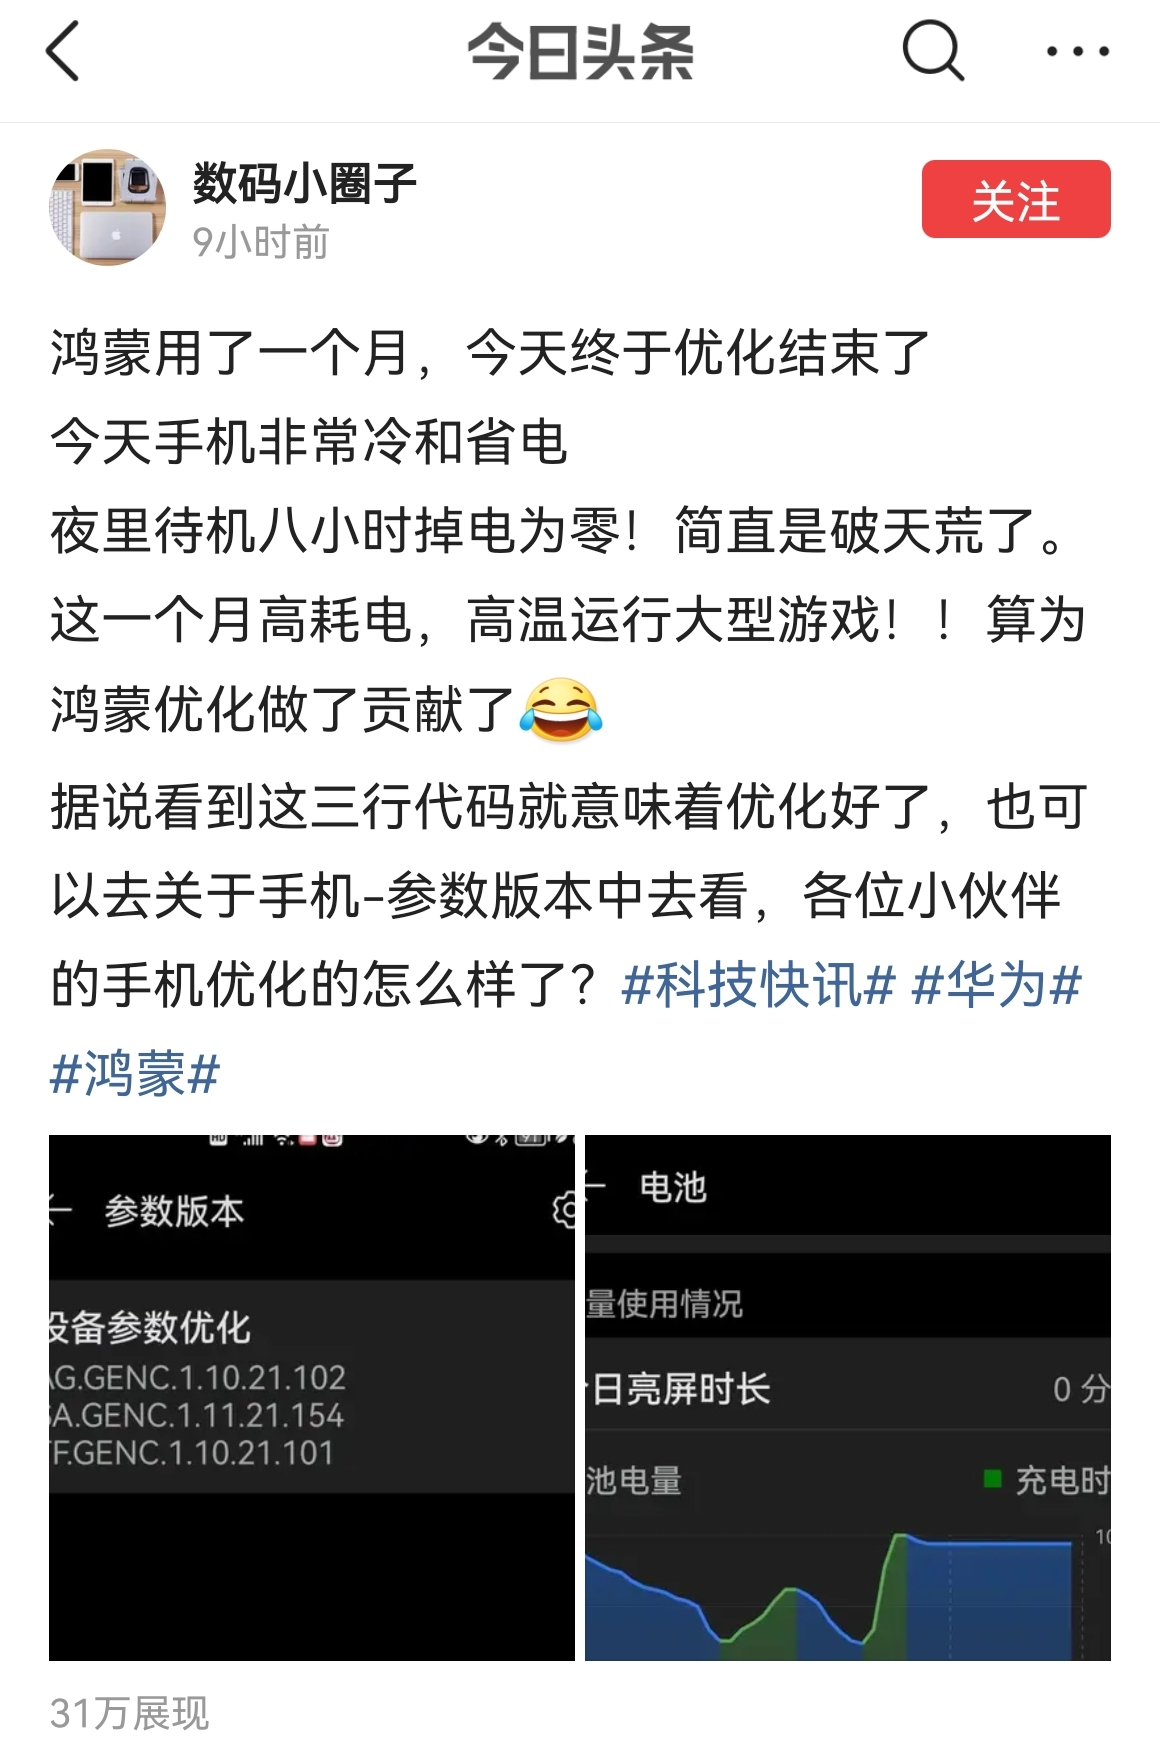 Screenshot_20210627_214406.jpg